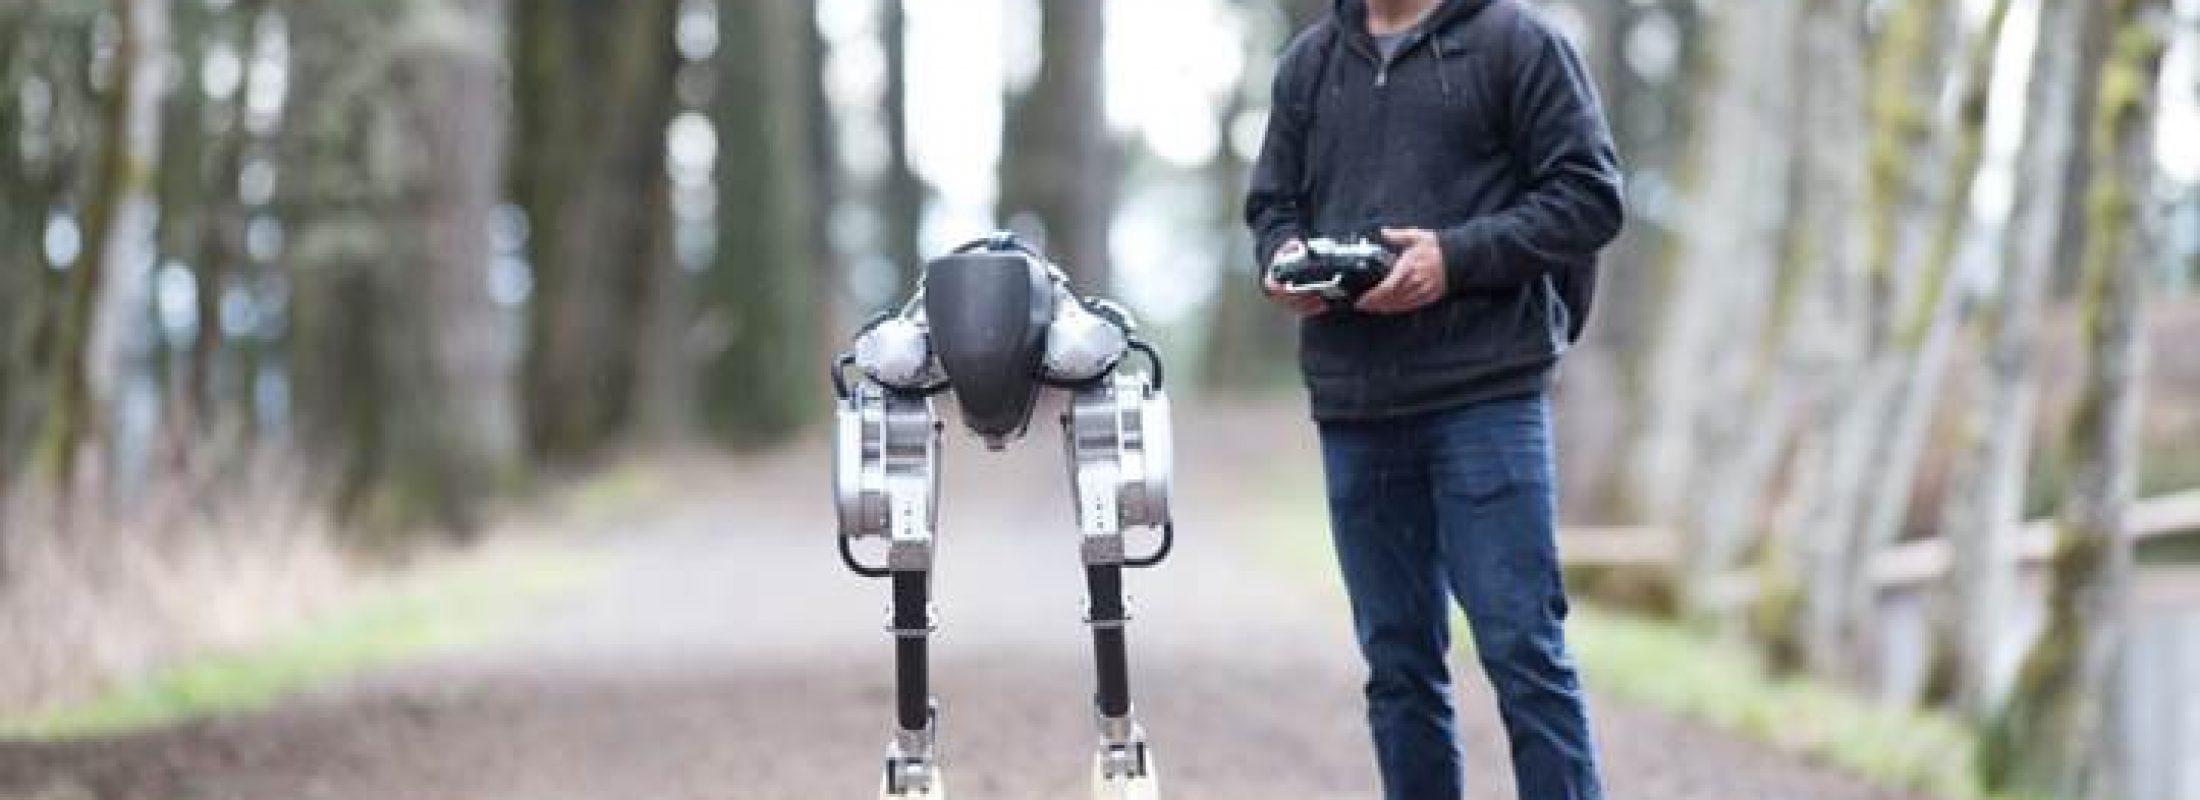 İki ayaklı robot Cassie, günün birinde size kargonuzu teslim edebilir